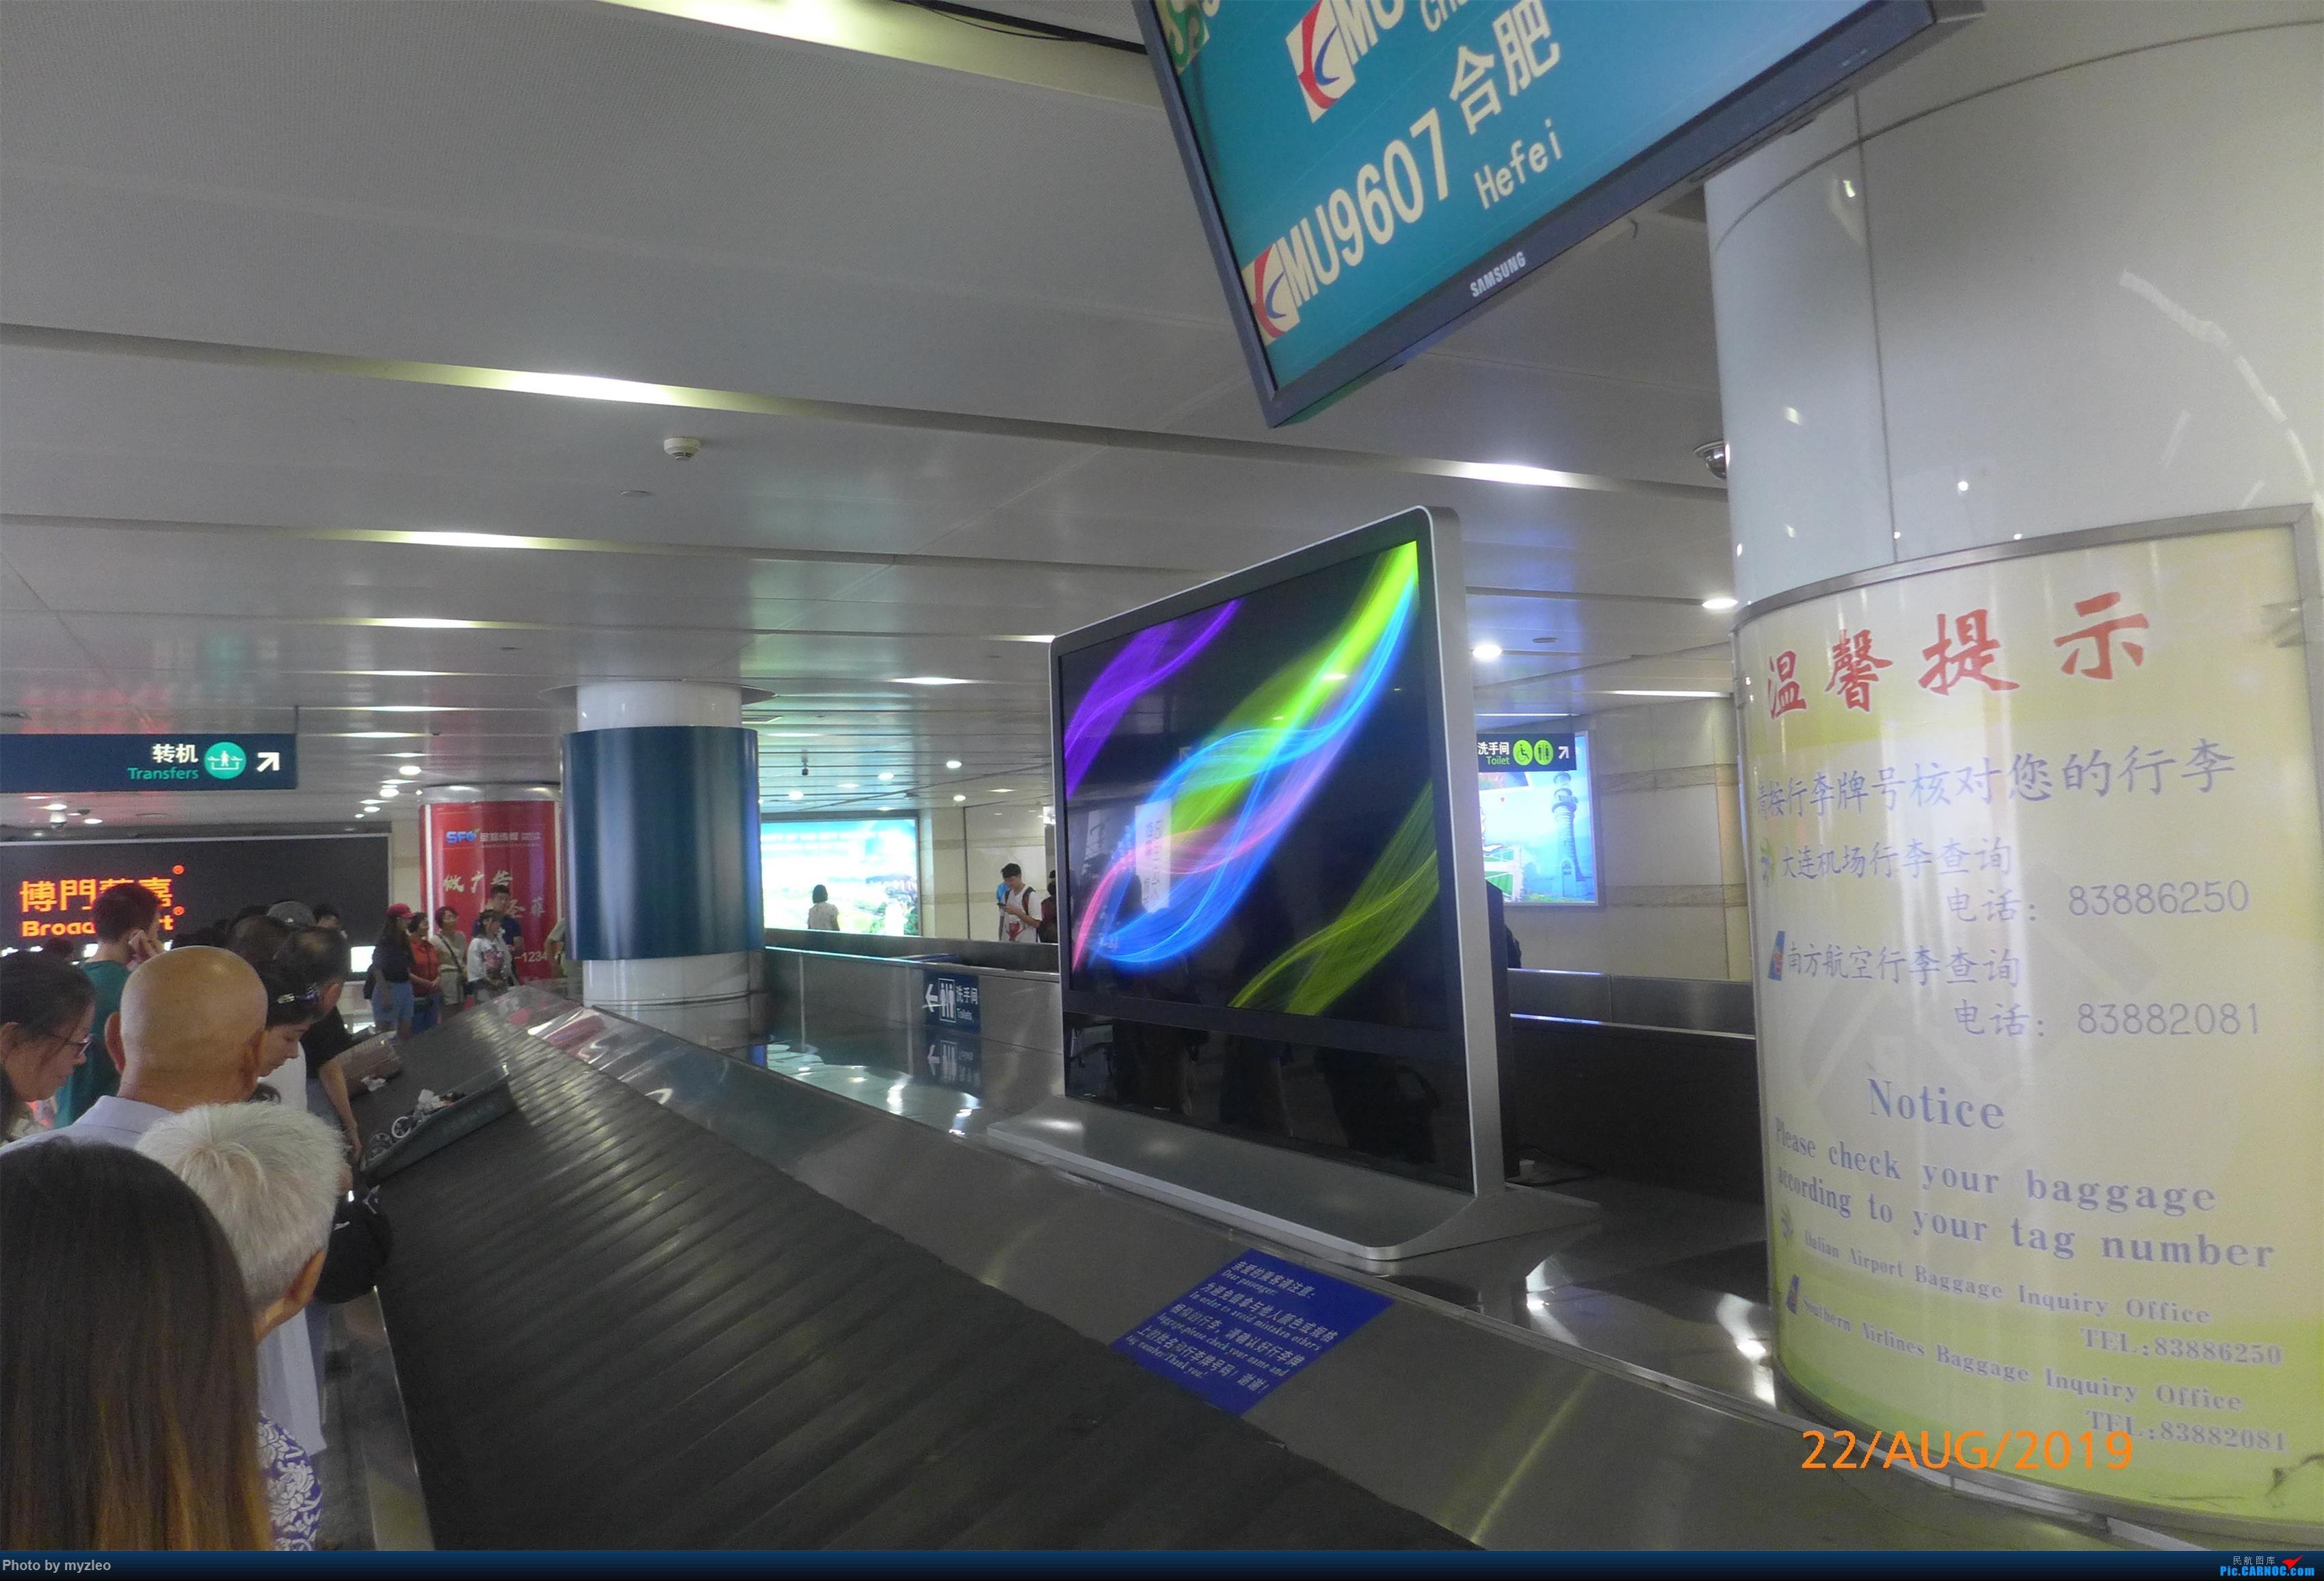 Re:[原创]【myzleo的游记5.2】梦圆一九(2)首访南苑把梦圆,初搭巴航连新缘    中国大连国际机场